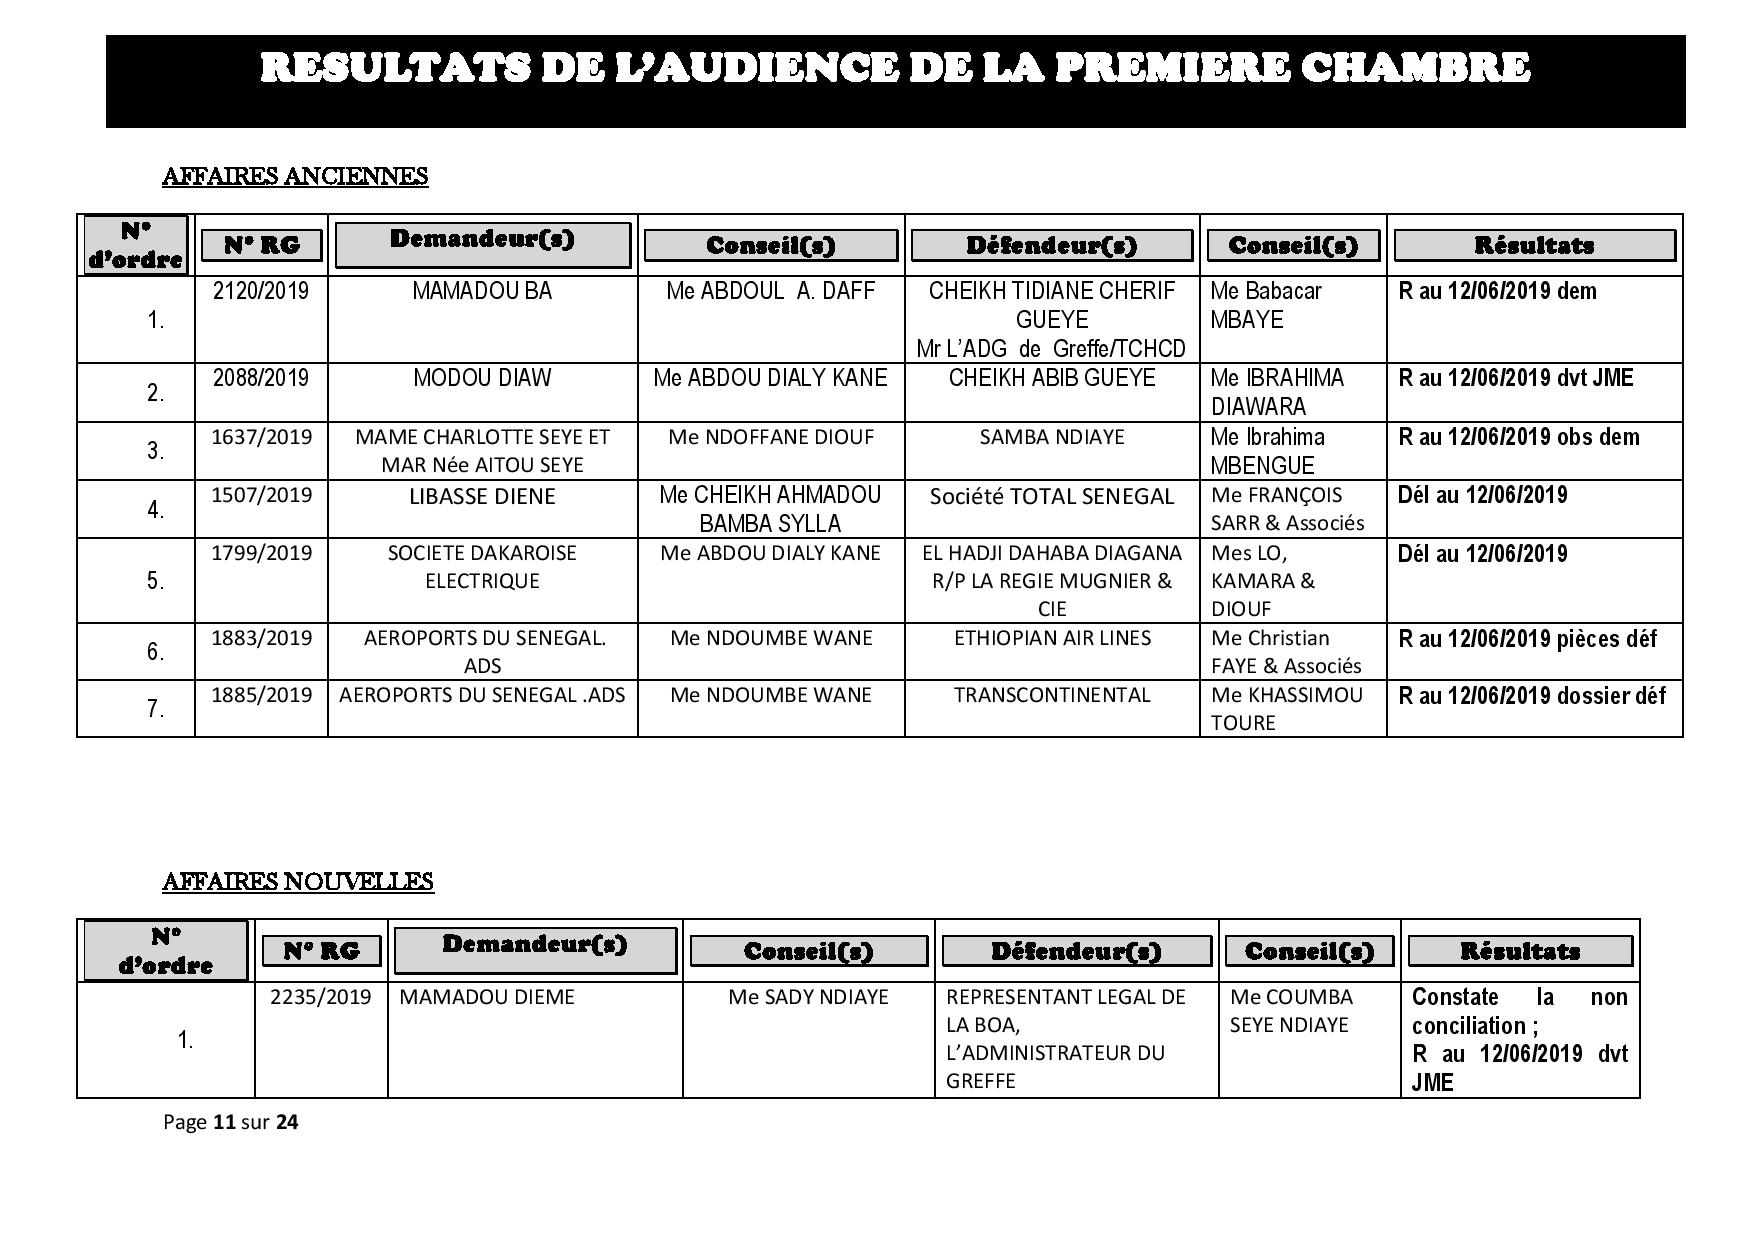 Délibérés des audiences de la Première Chambre du Tribunal de Commerce de Dakar de ce mercredi 29 mai 2019